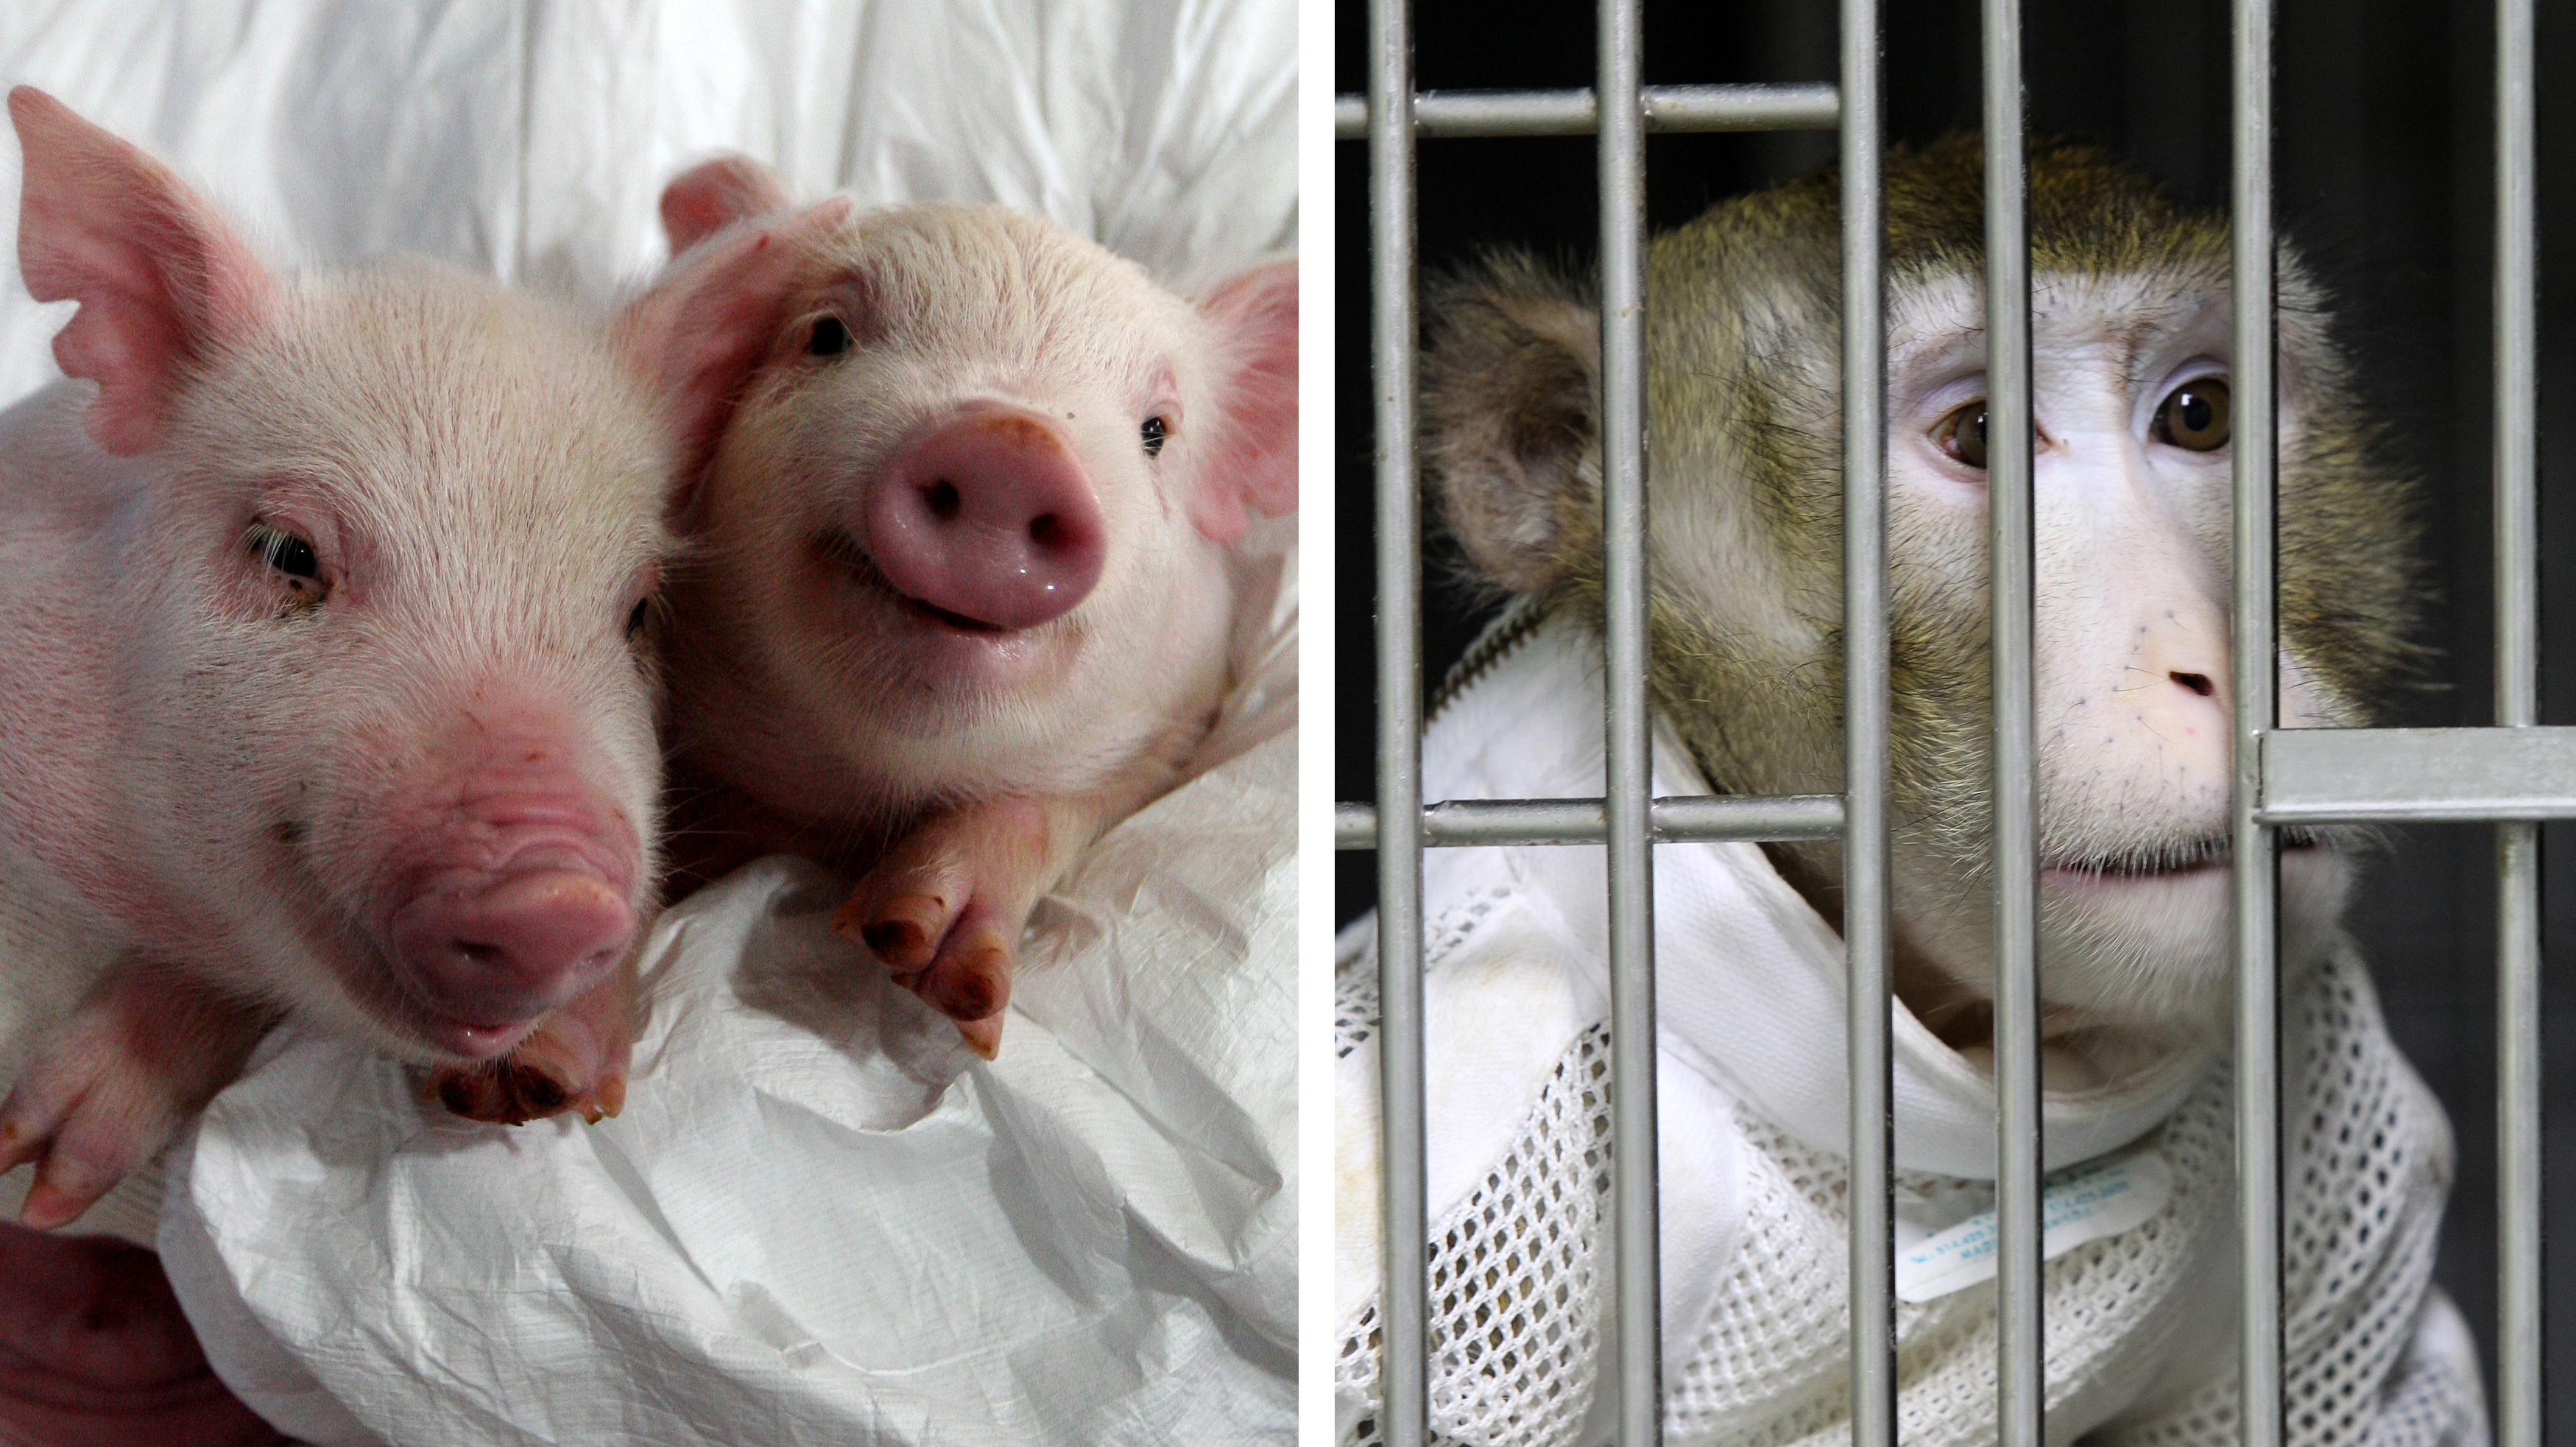 Zwei genmodifizerte Ferkel, deren Herzen in den rechts im Bild dargestellten Pavian transplantiert wurden.